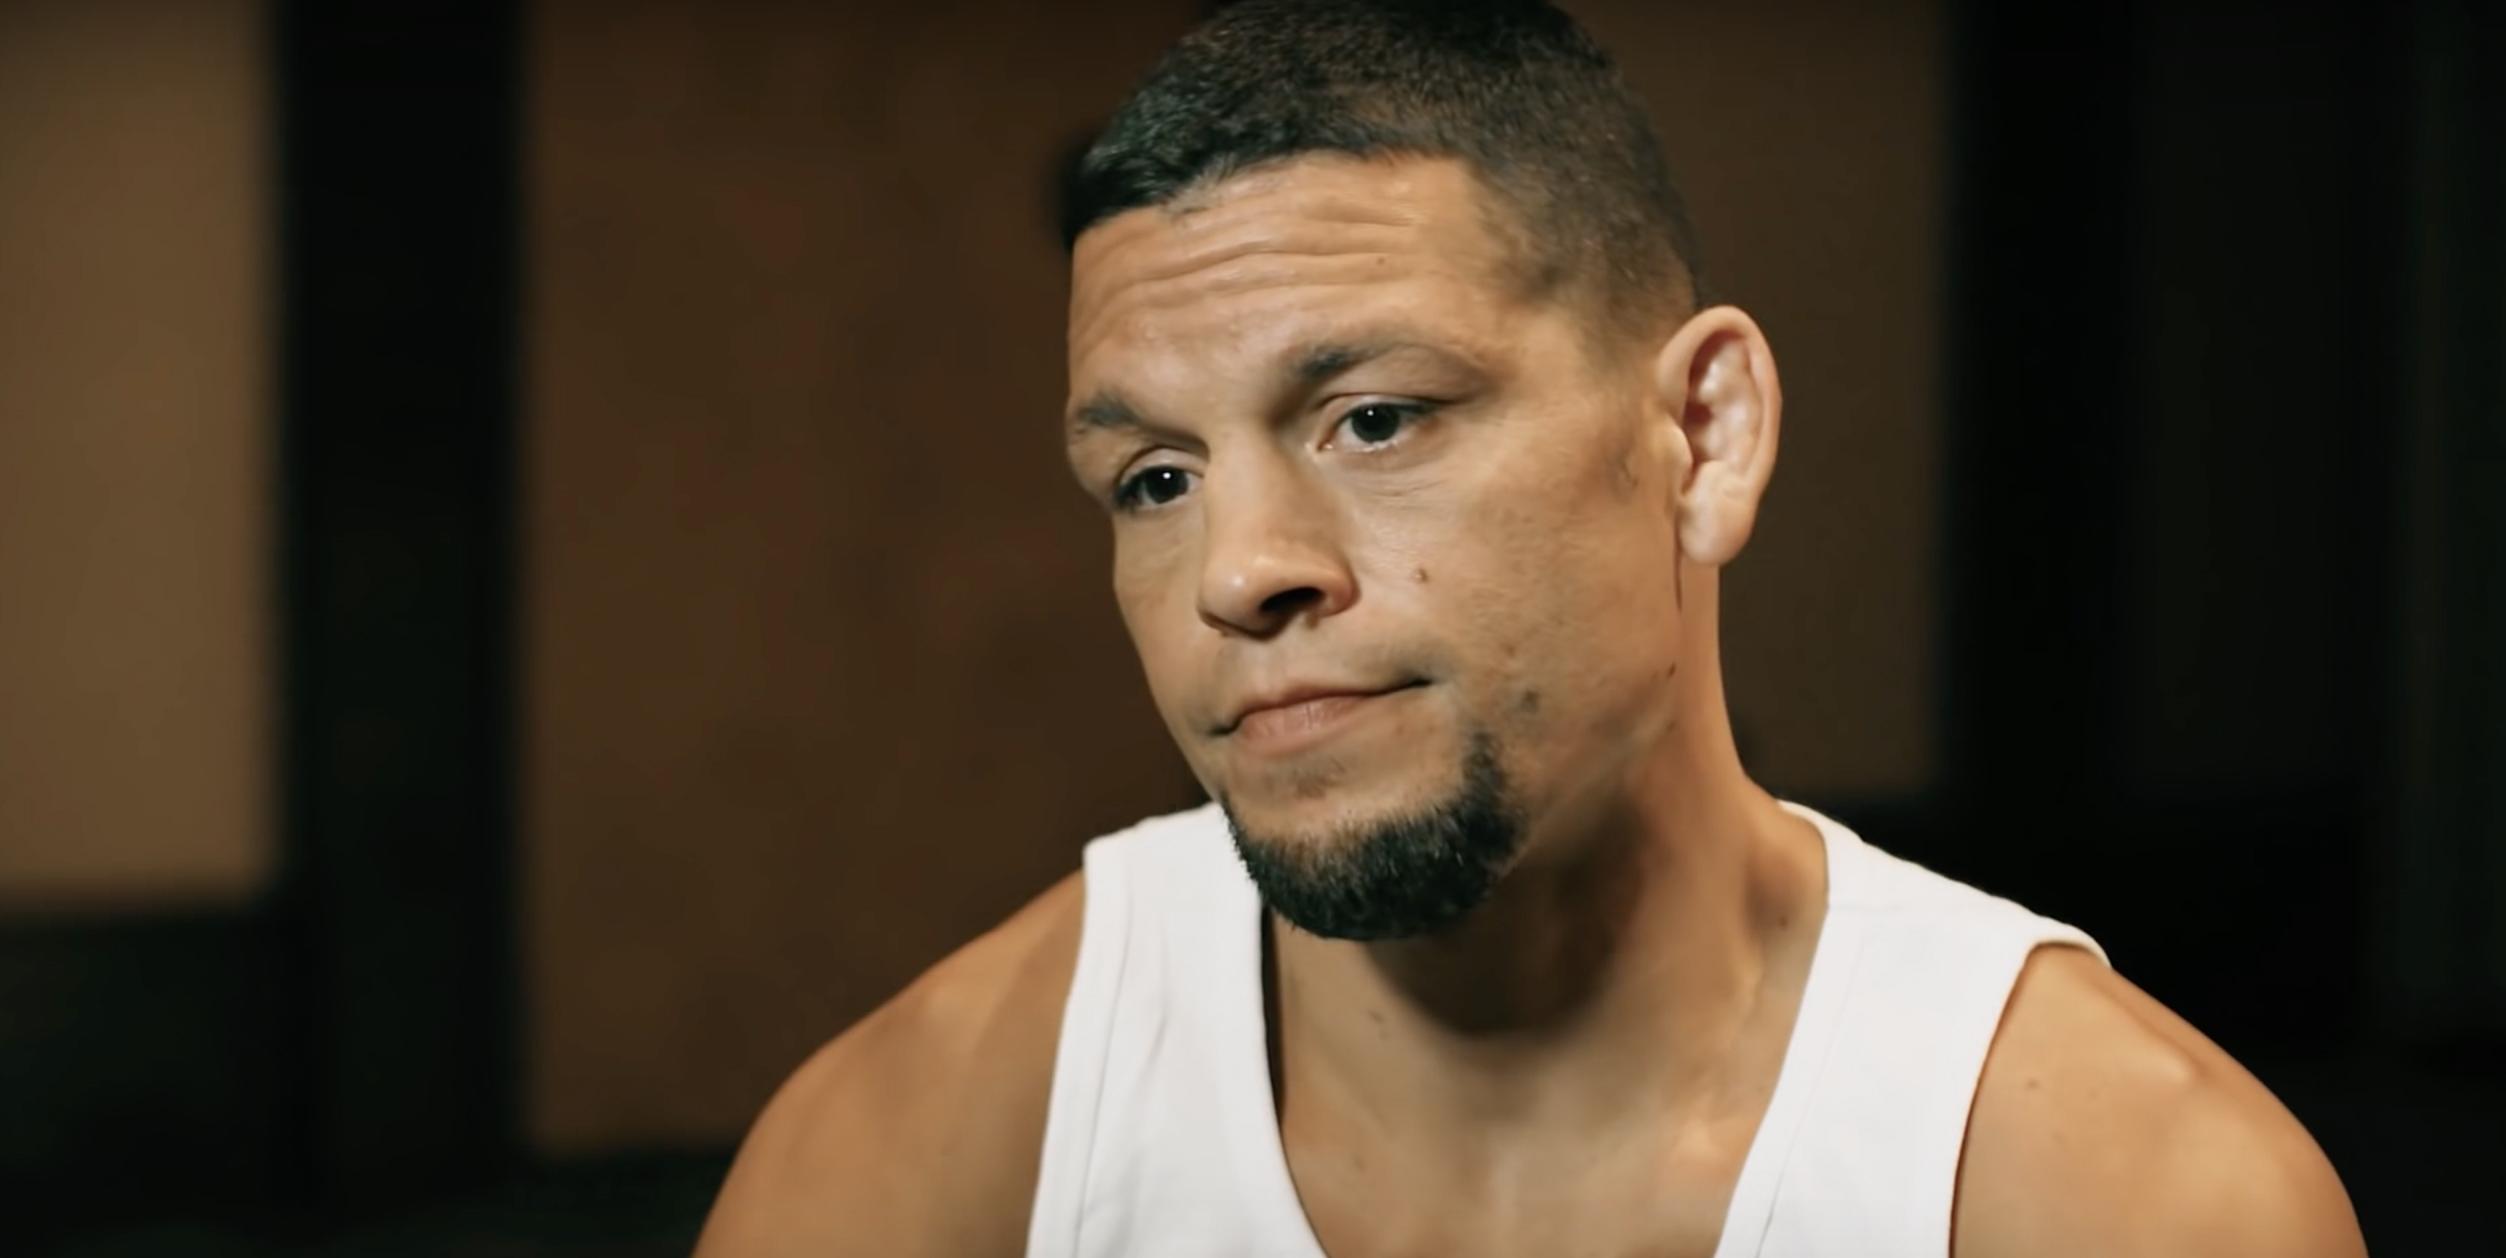 Nate Diaz vägrar gå match för under 20 miljoner dollar